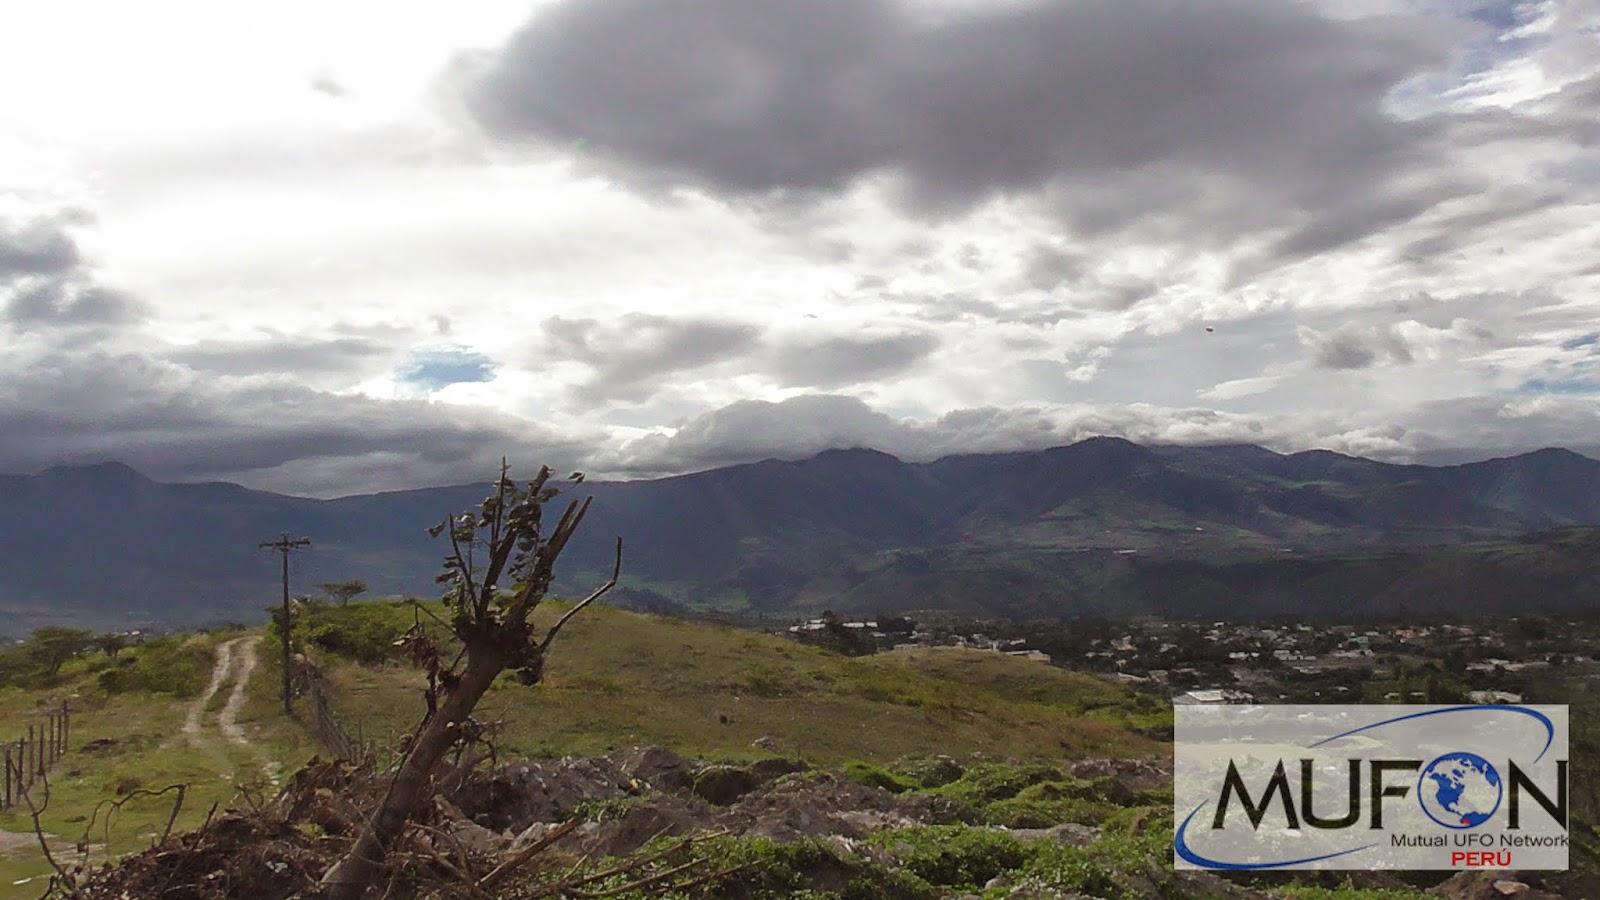 Fotografía tomada el día 26 de abril (2015) en provincia de Imbabura, Ecuador. Puede observarse un objeto aéreo anómalo de forma al parecer triangular.